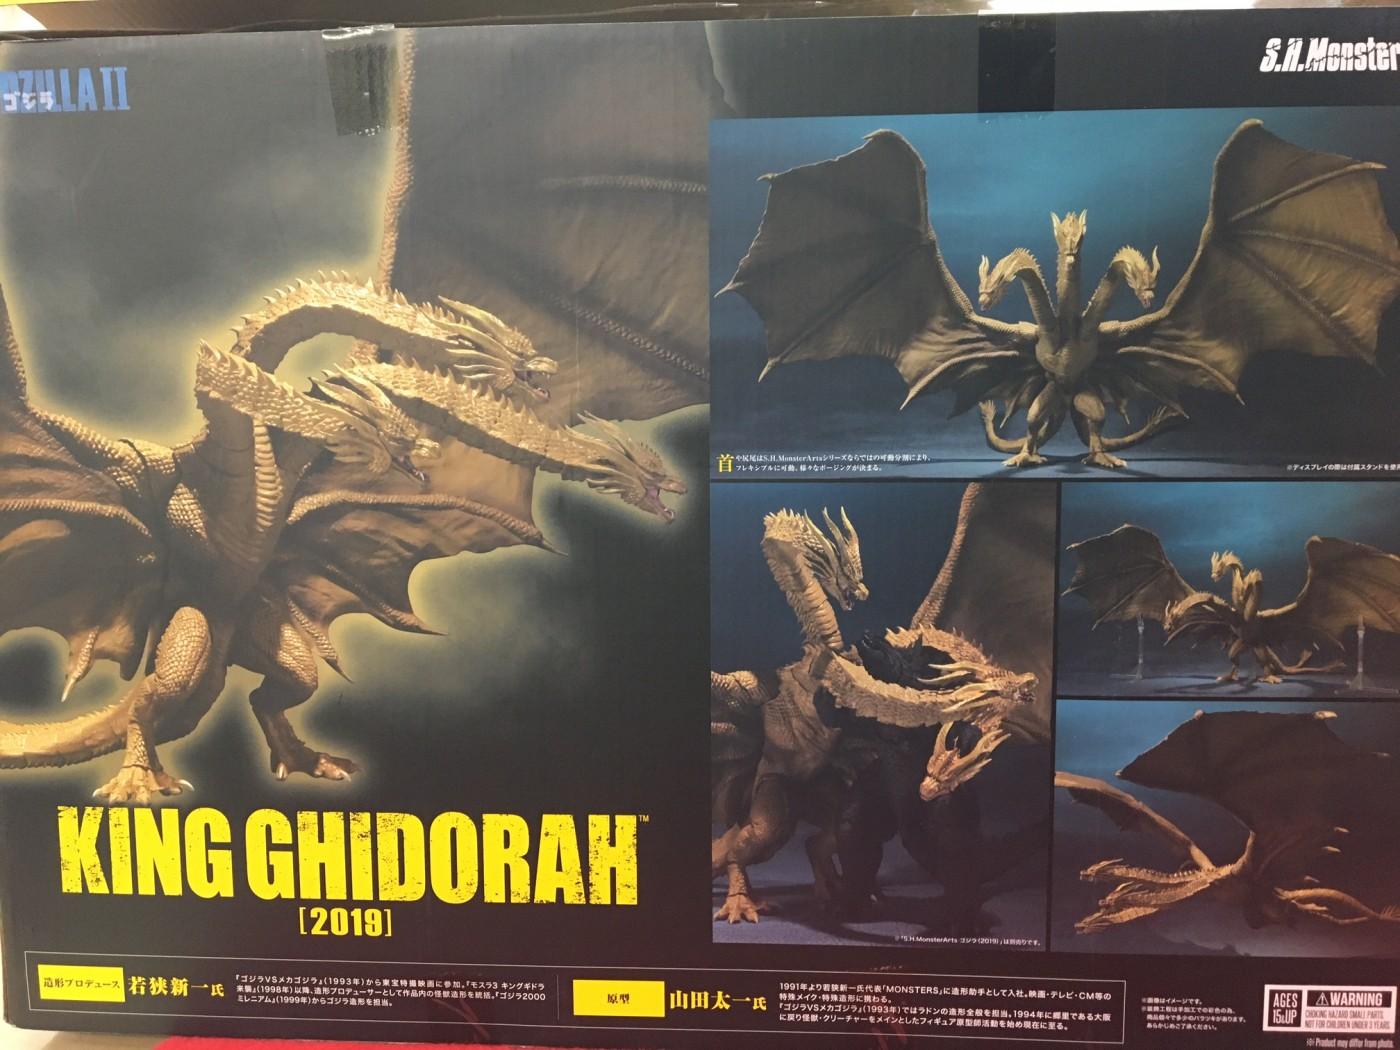 買取情報『バンダイのS.H.MonsterArts ゴジラ「キングギドラ-2019-」』